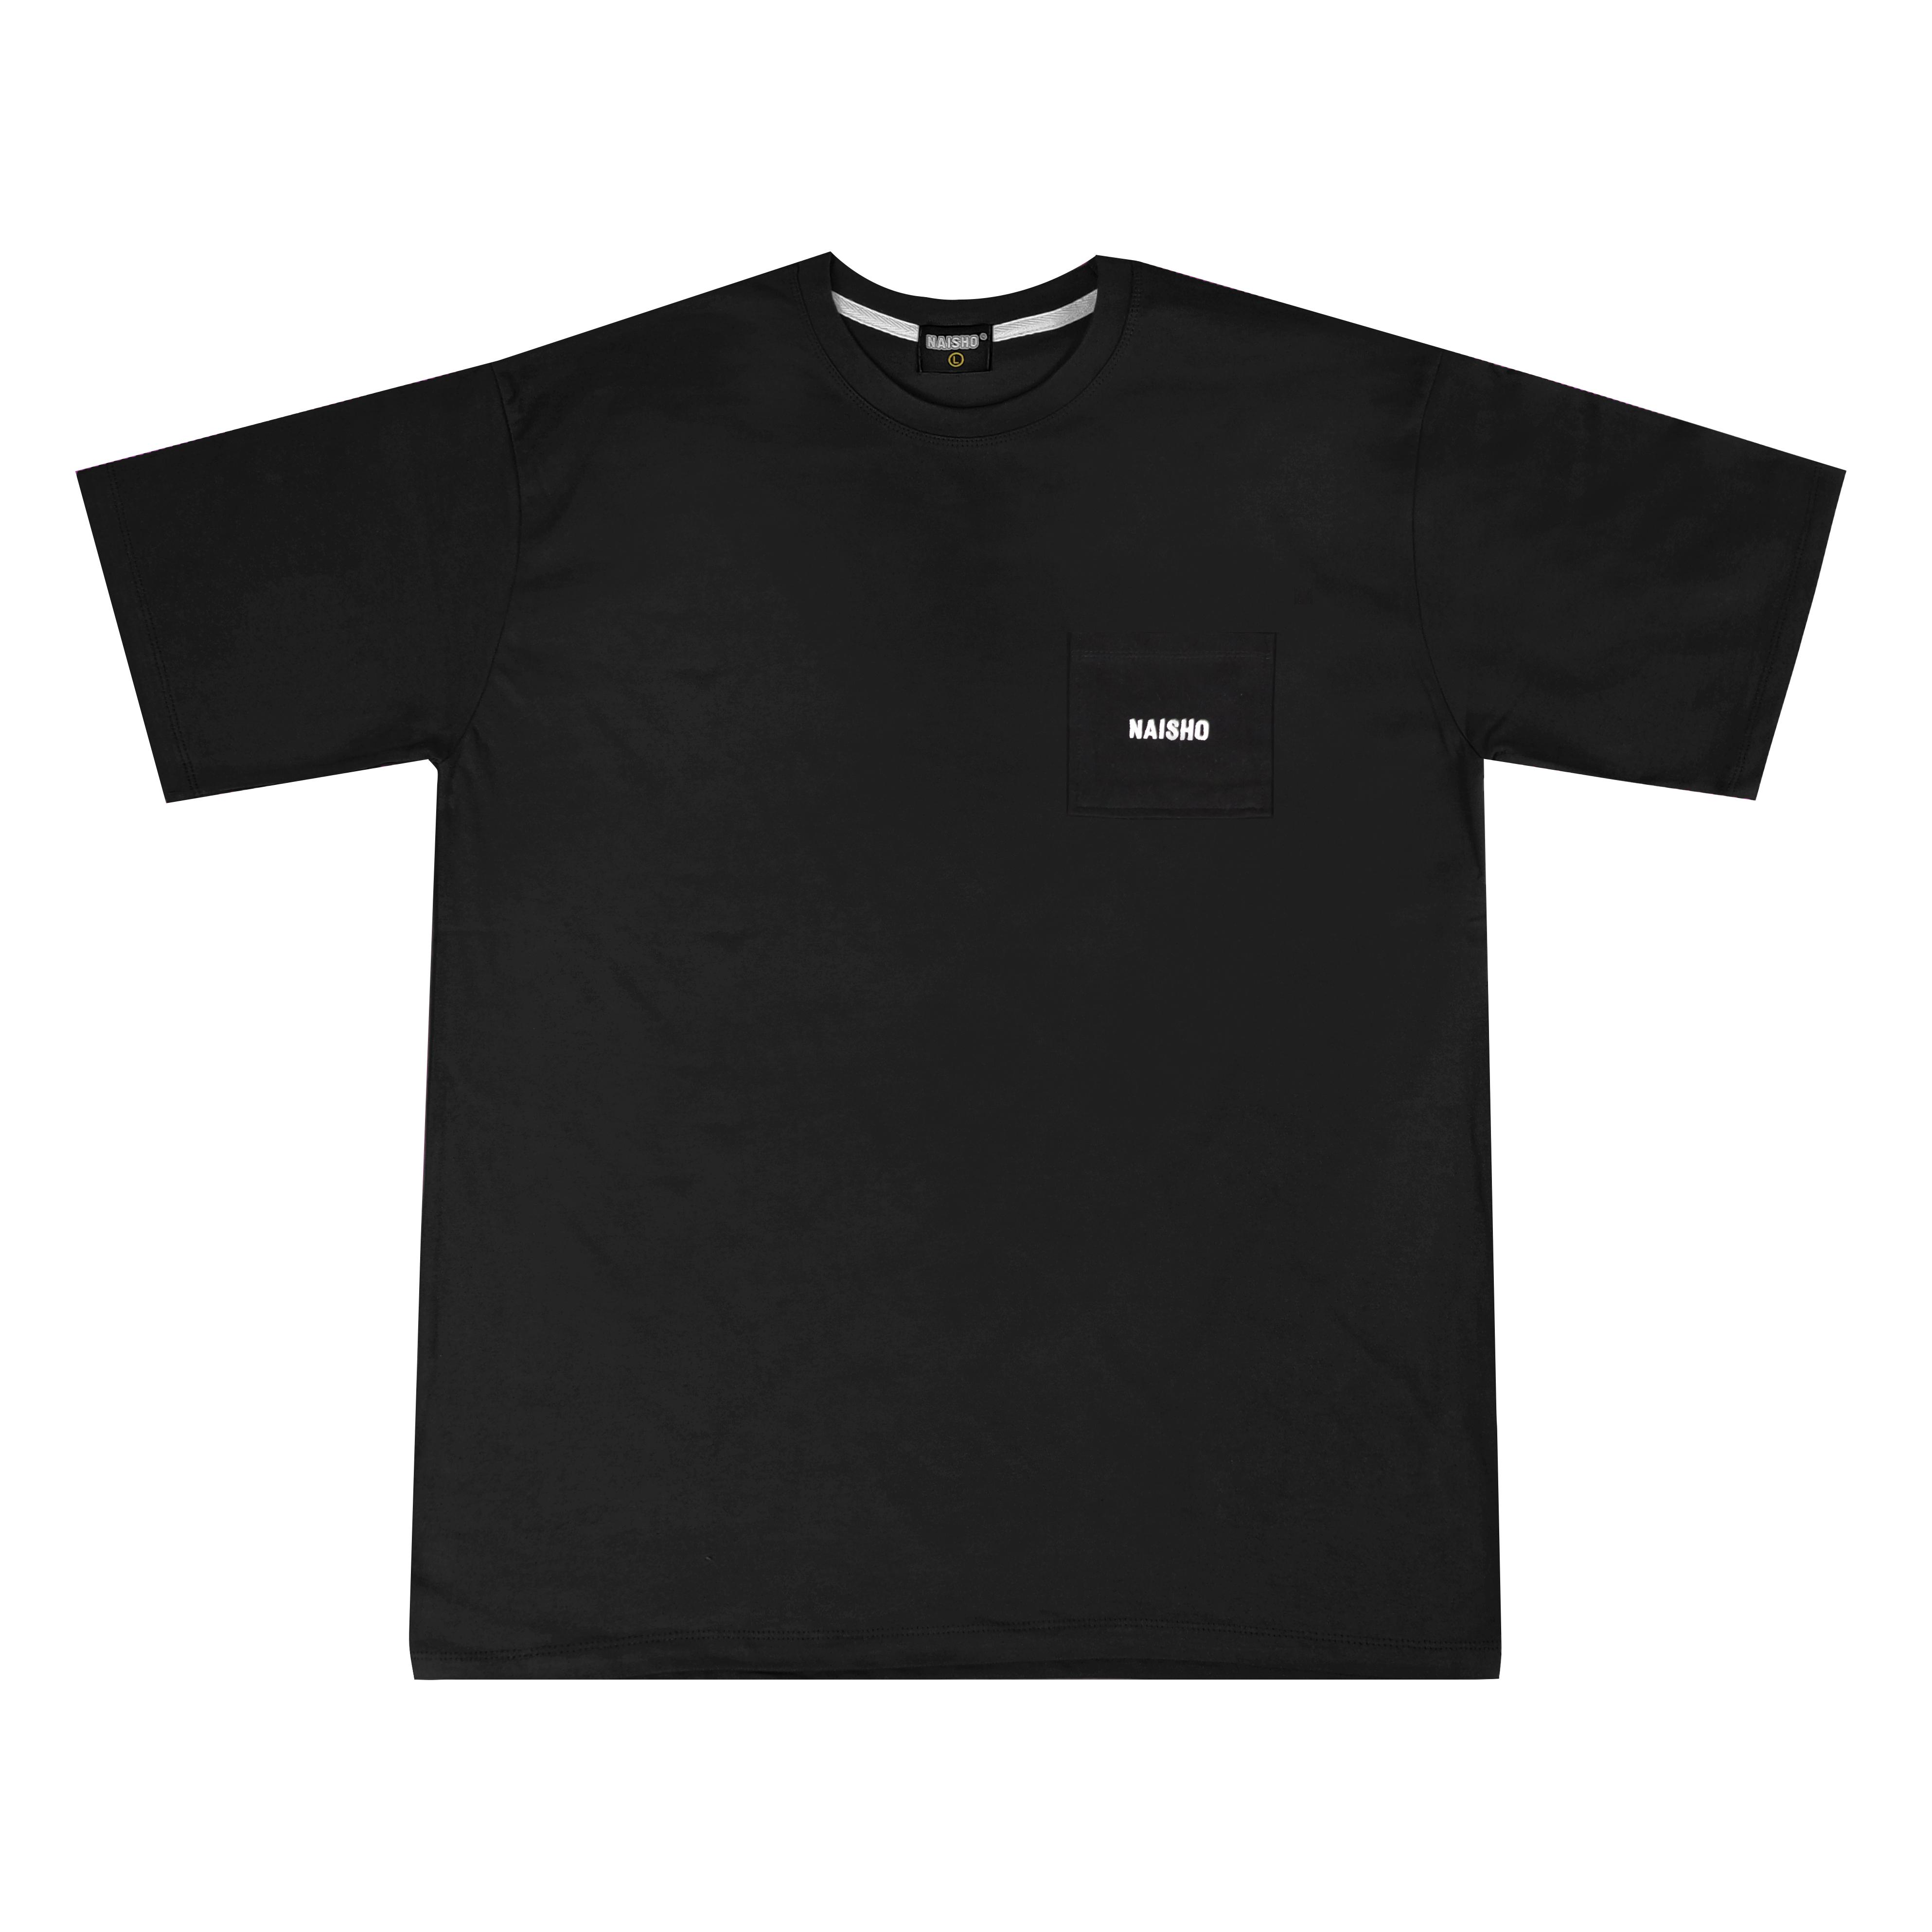 포켓 심플로고 블랙 반팔티셔츠